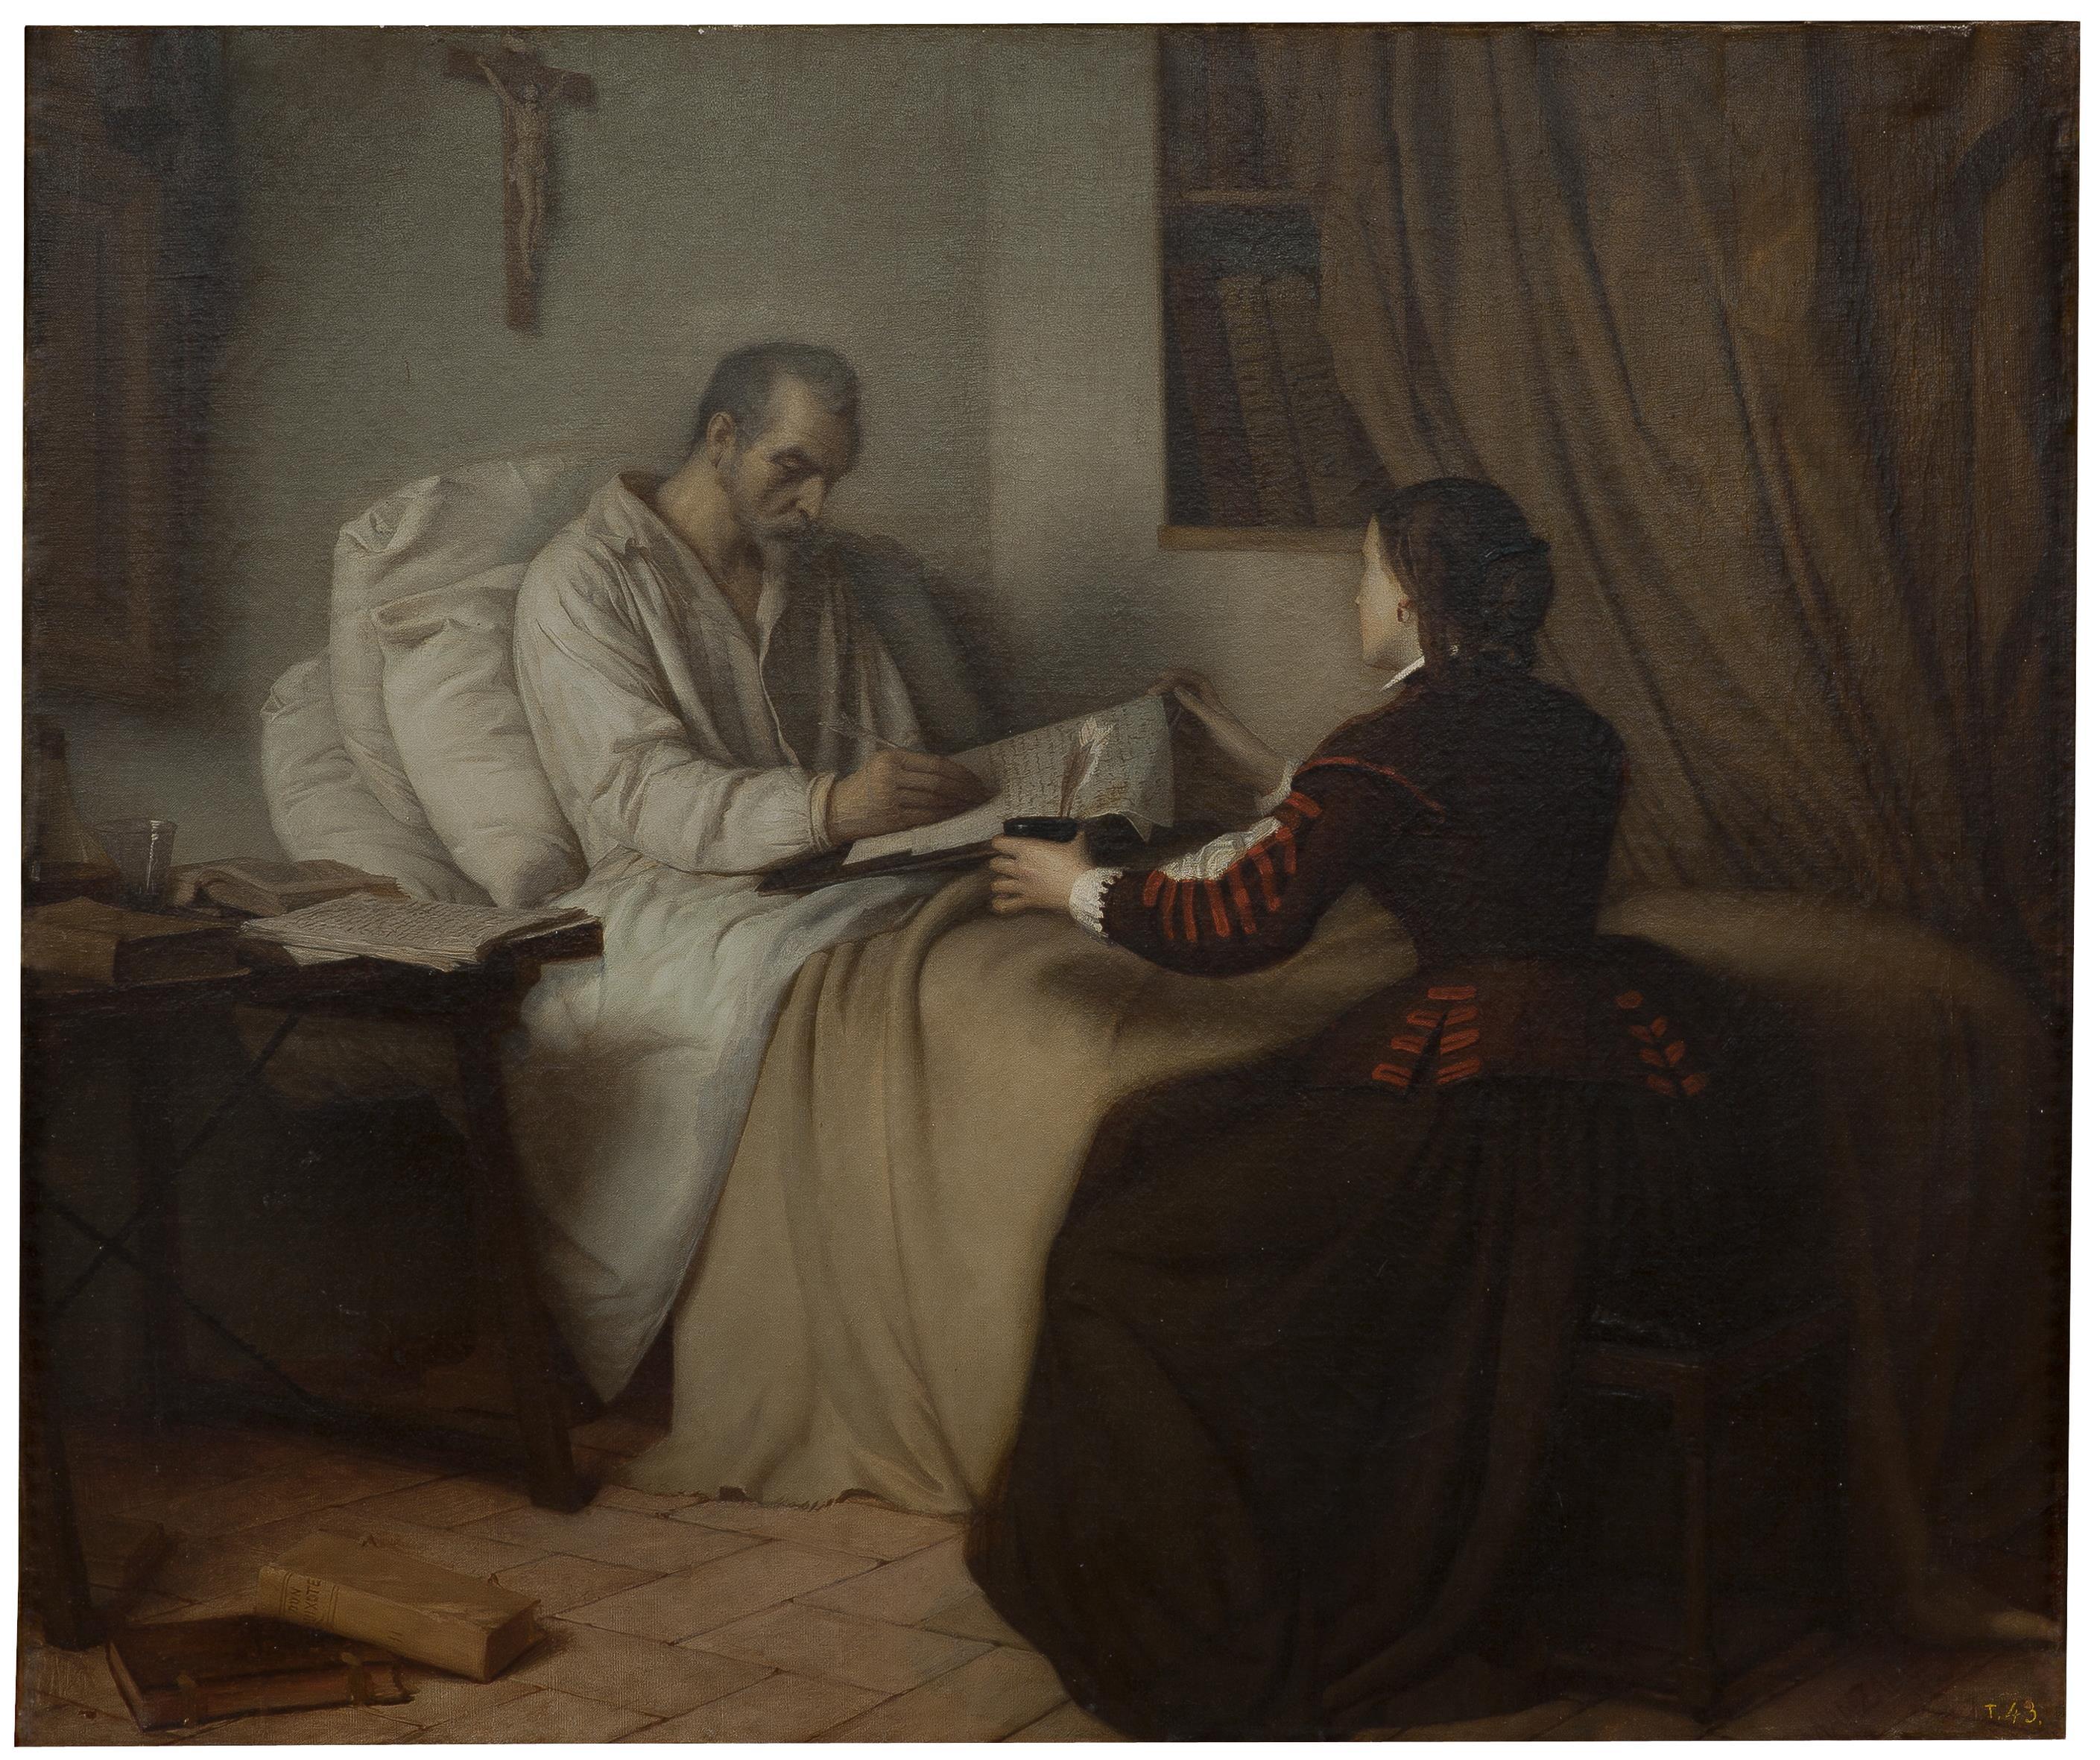 Últimos momentos de Cervantes, Víctor Manzano [Copyright de la imagen ©Museo Nacional del Prado]